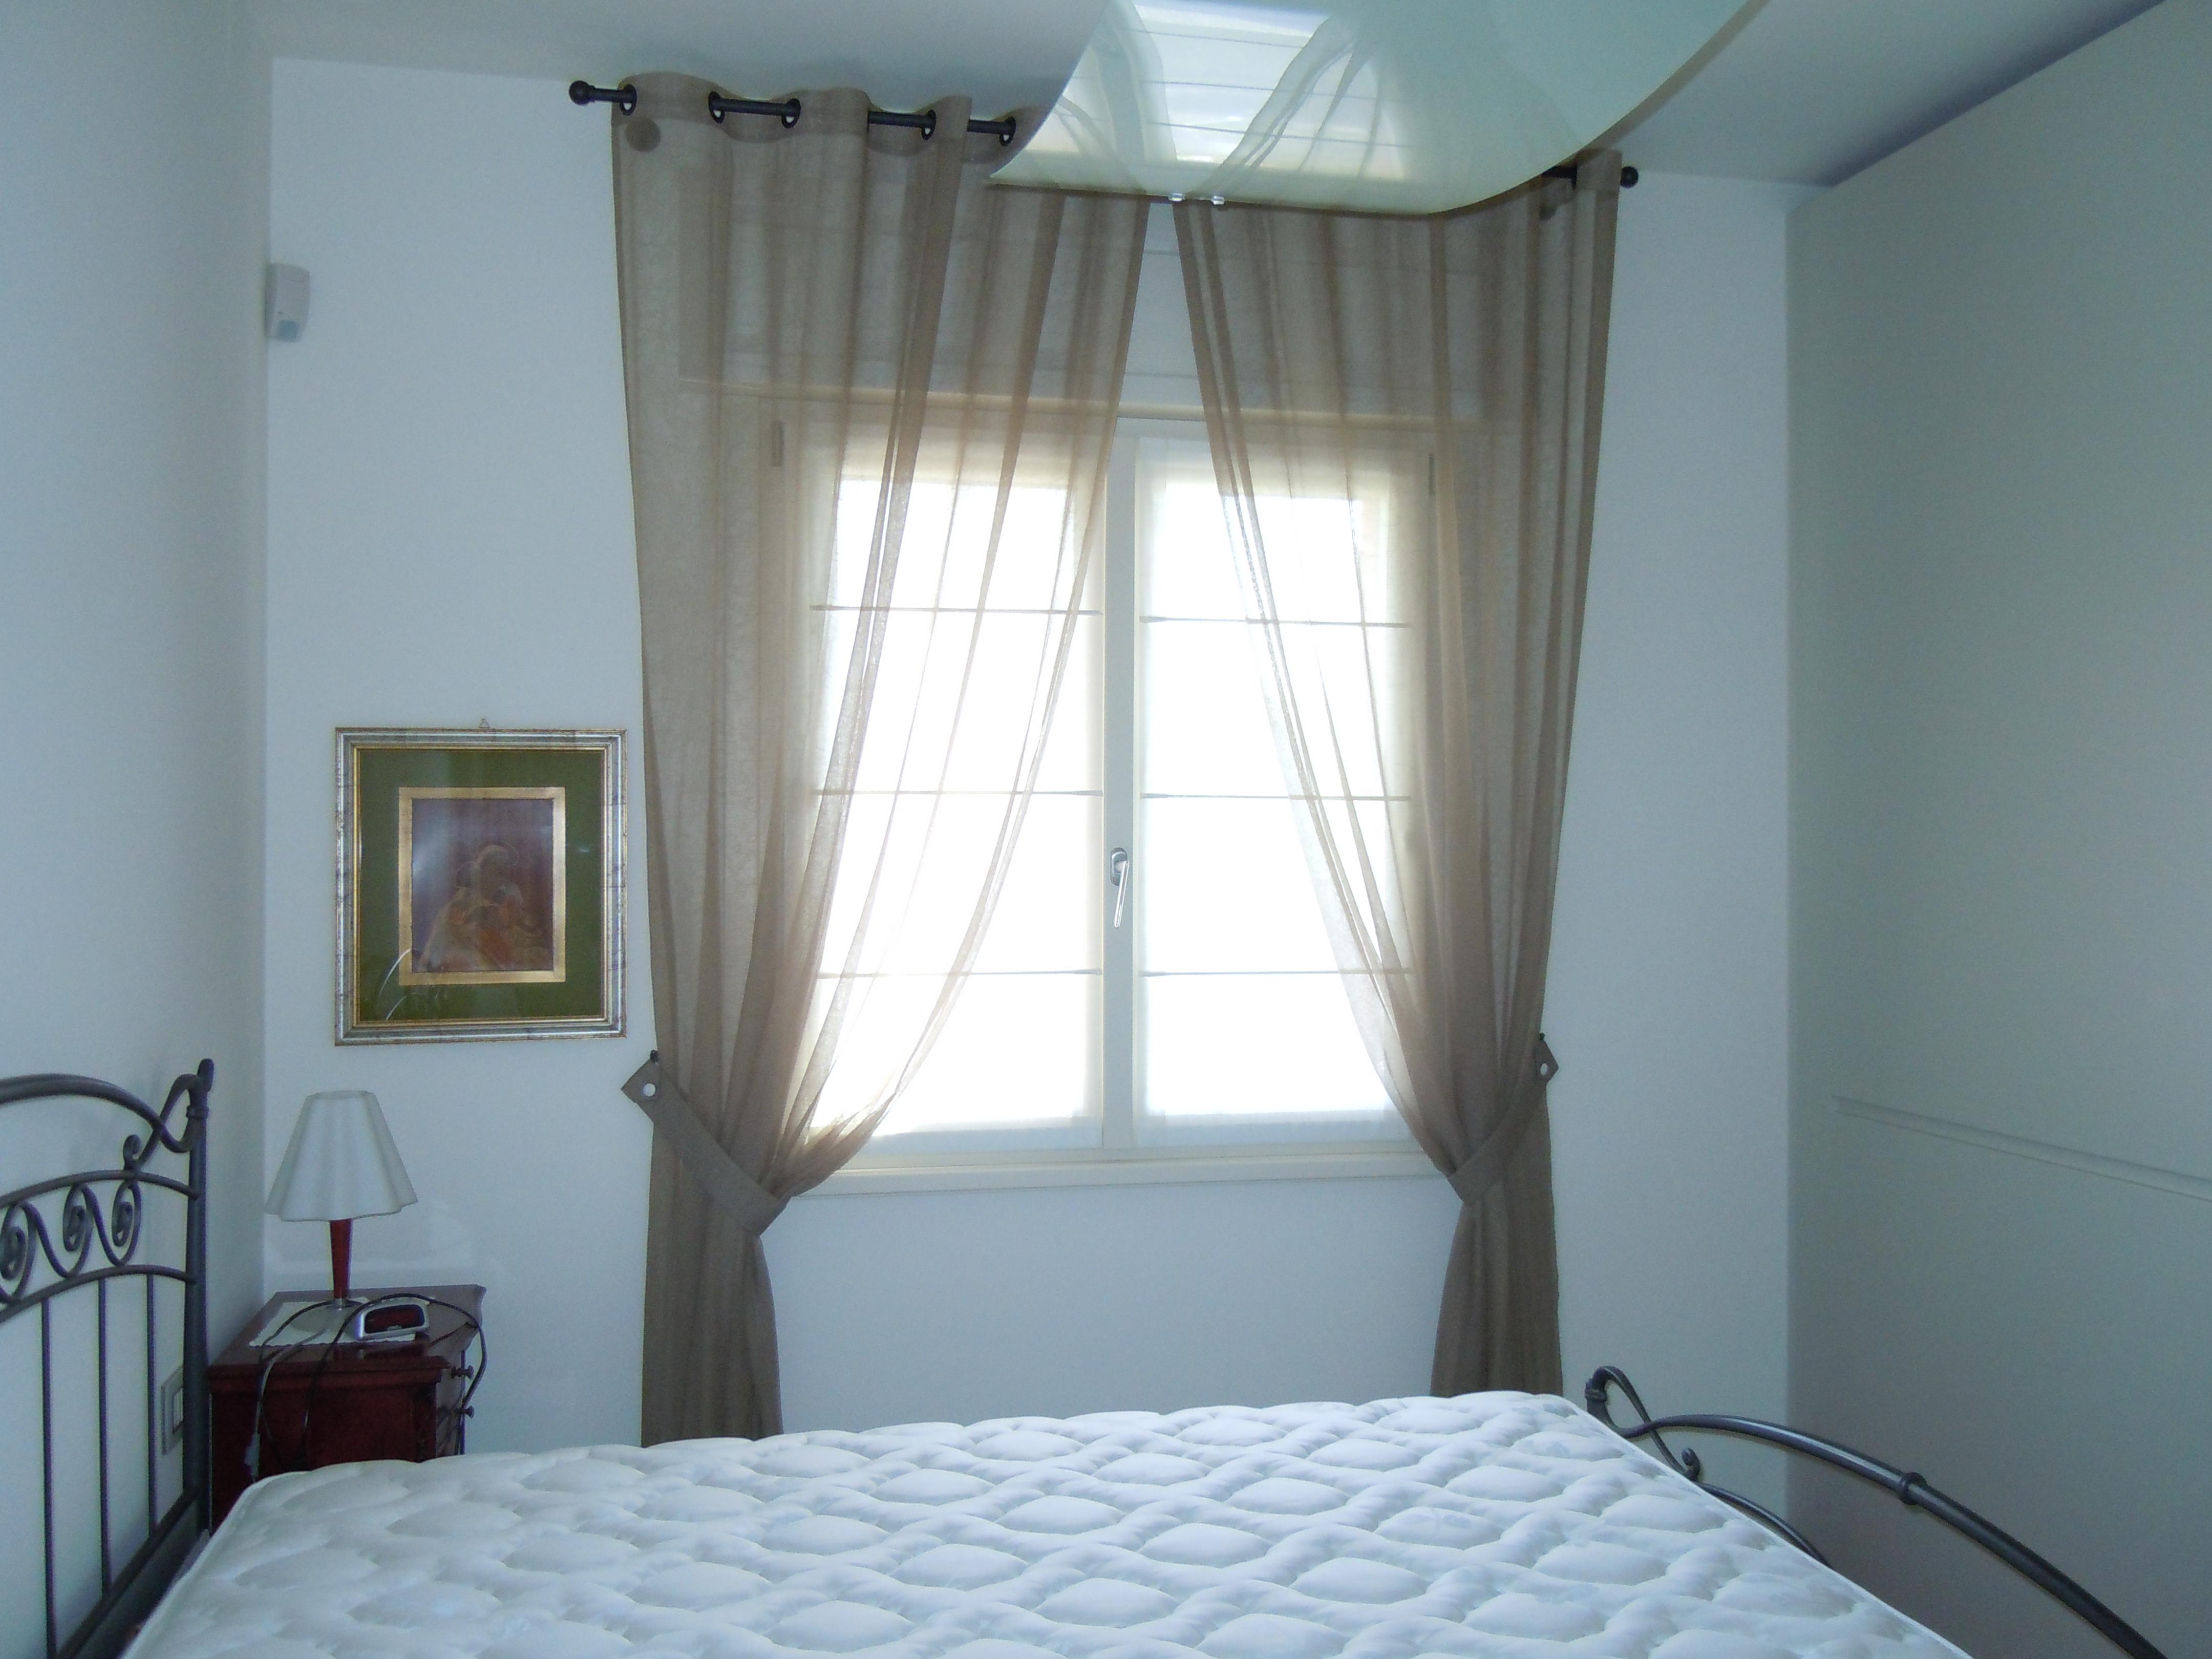 Camere da letto in offerta mercatone uno - Ikea camera letto ...